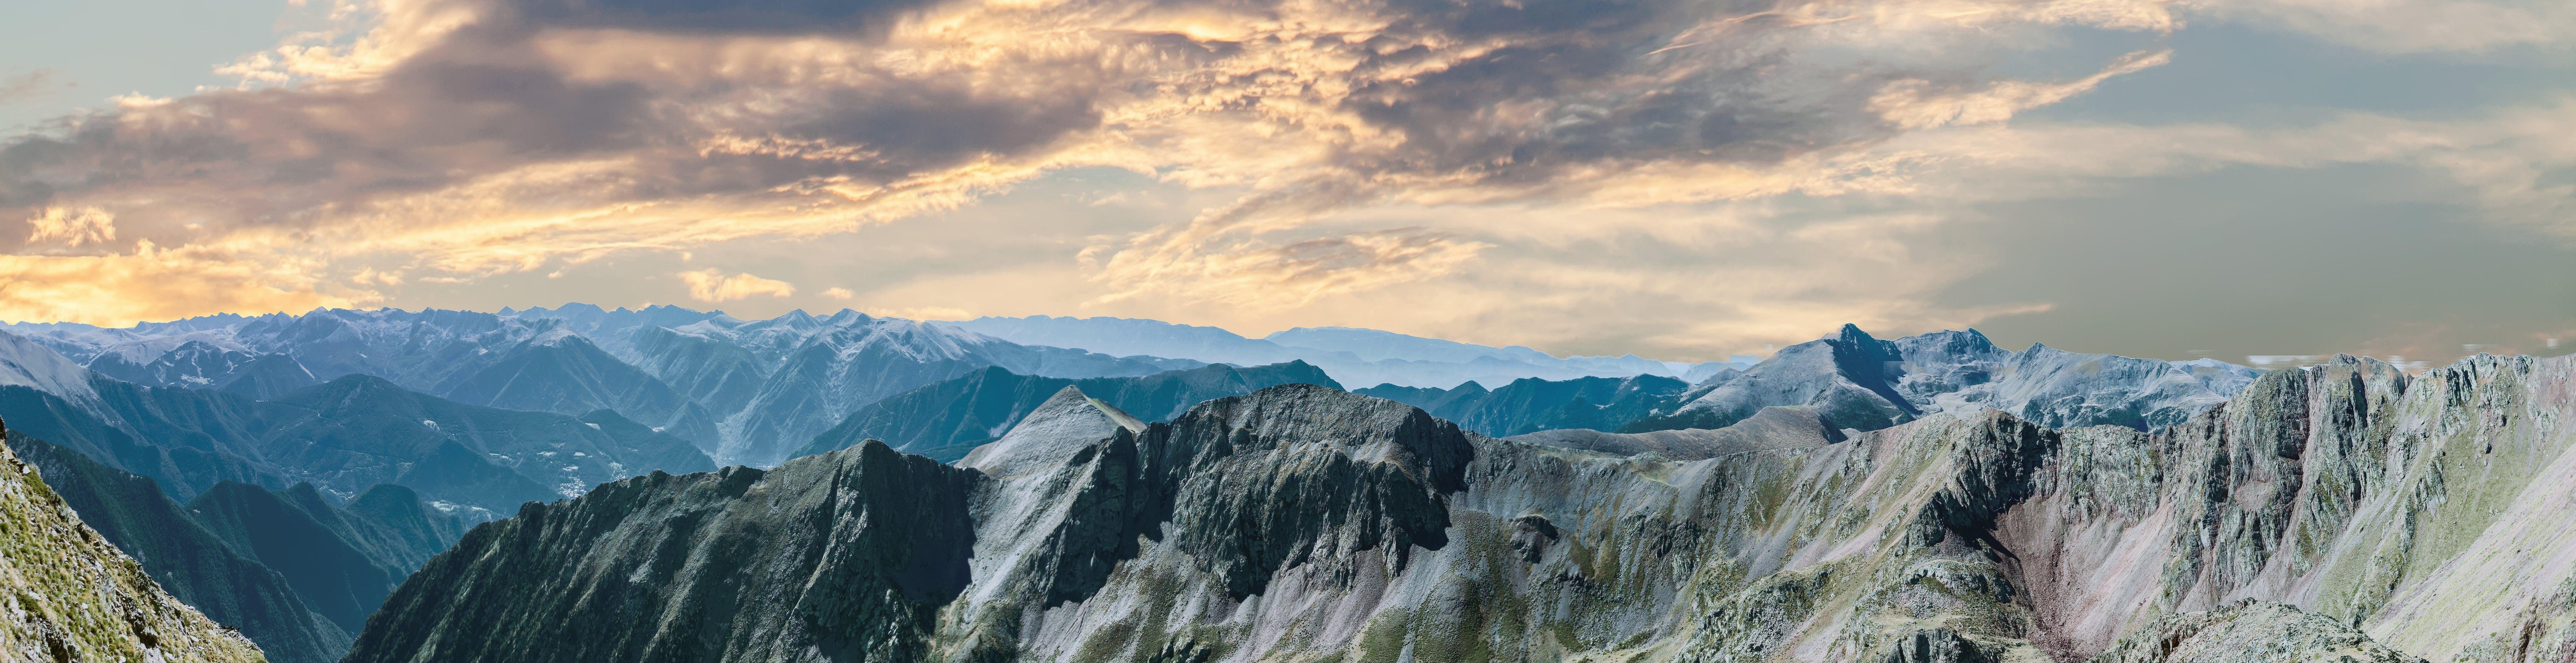 Mountain Ranges Under Dark Clouds